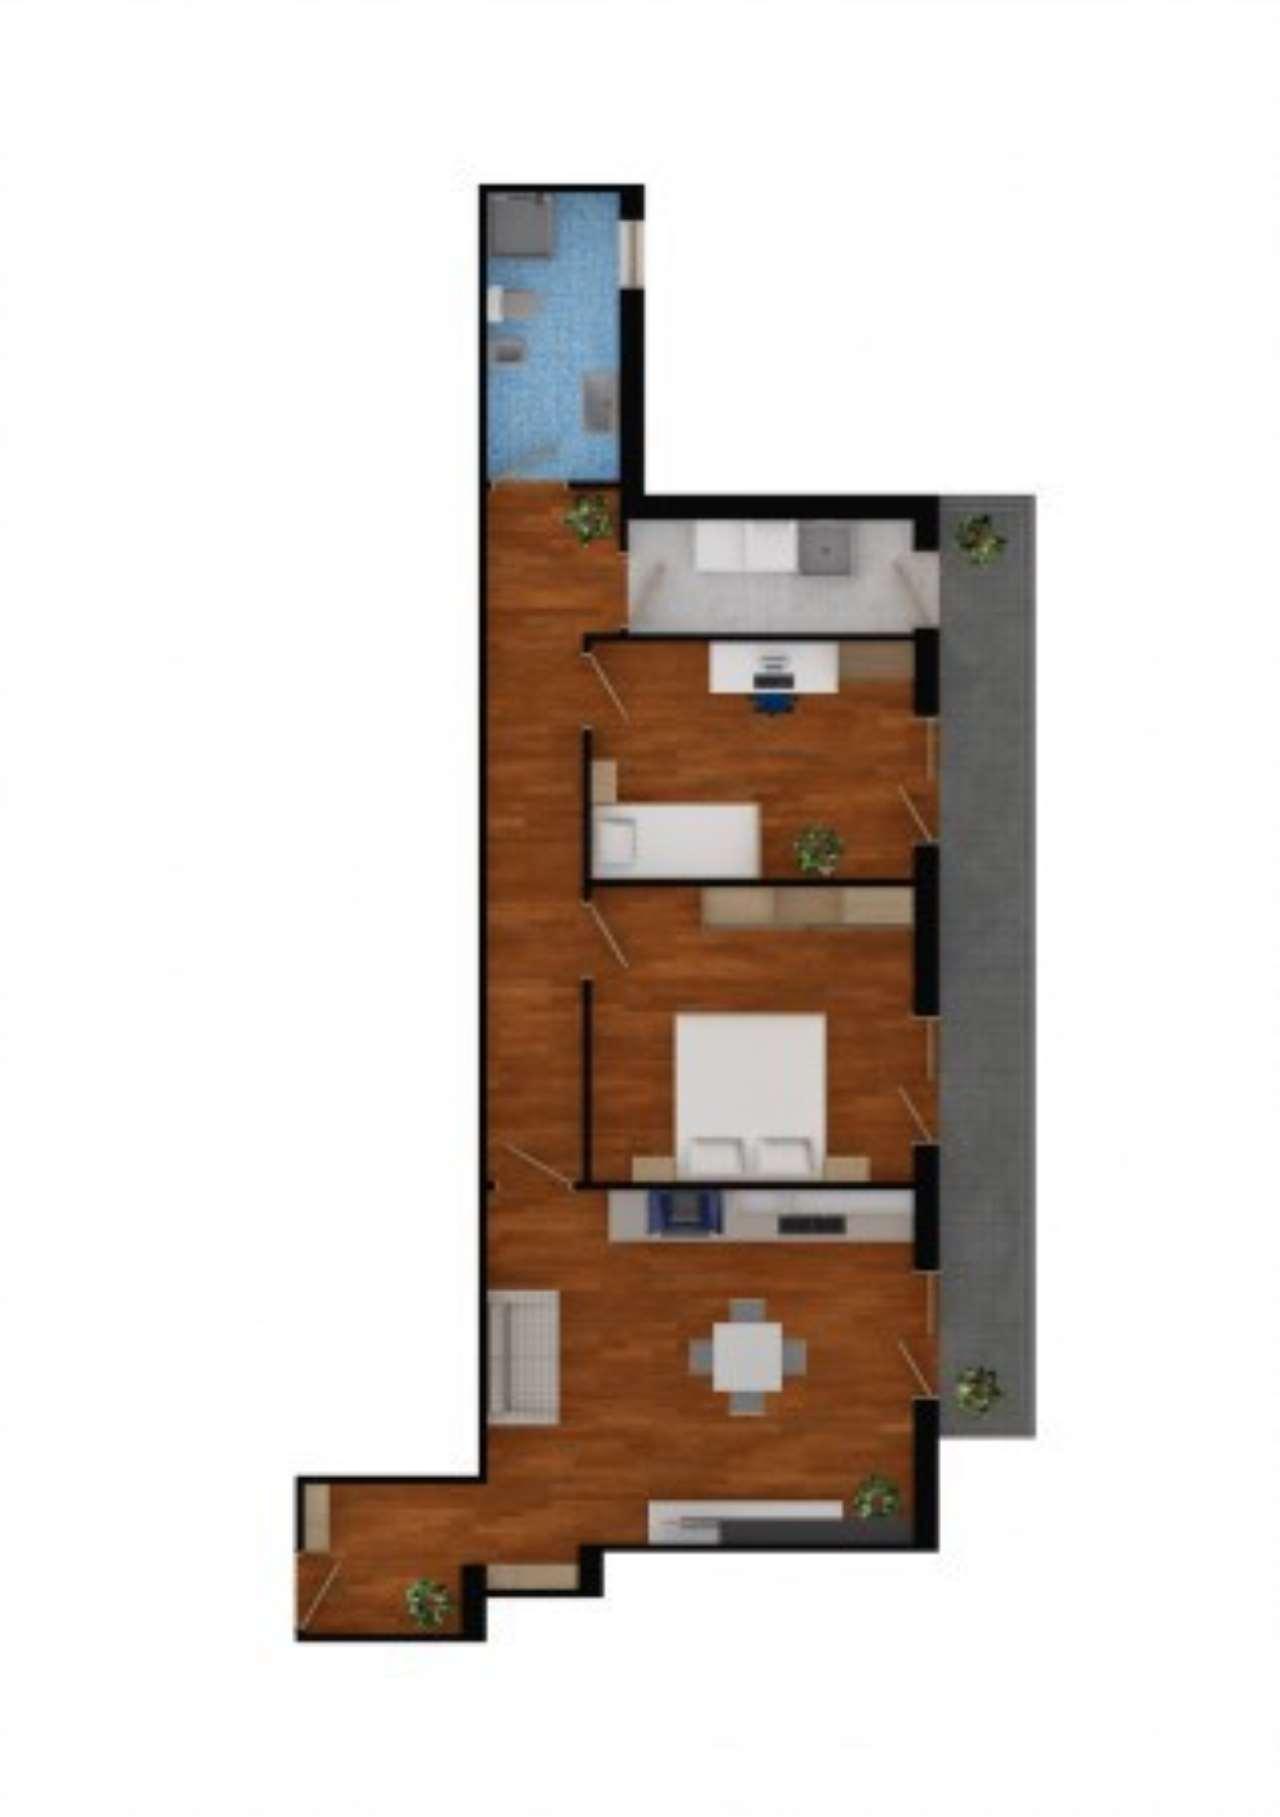 Elegante Appartamento 4 Vani a Camporotondo Etneo